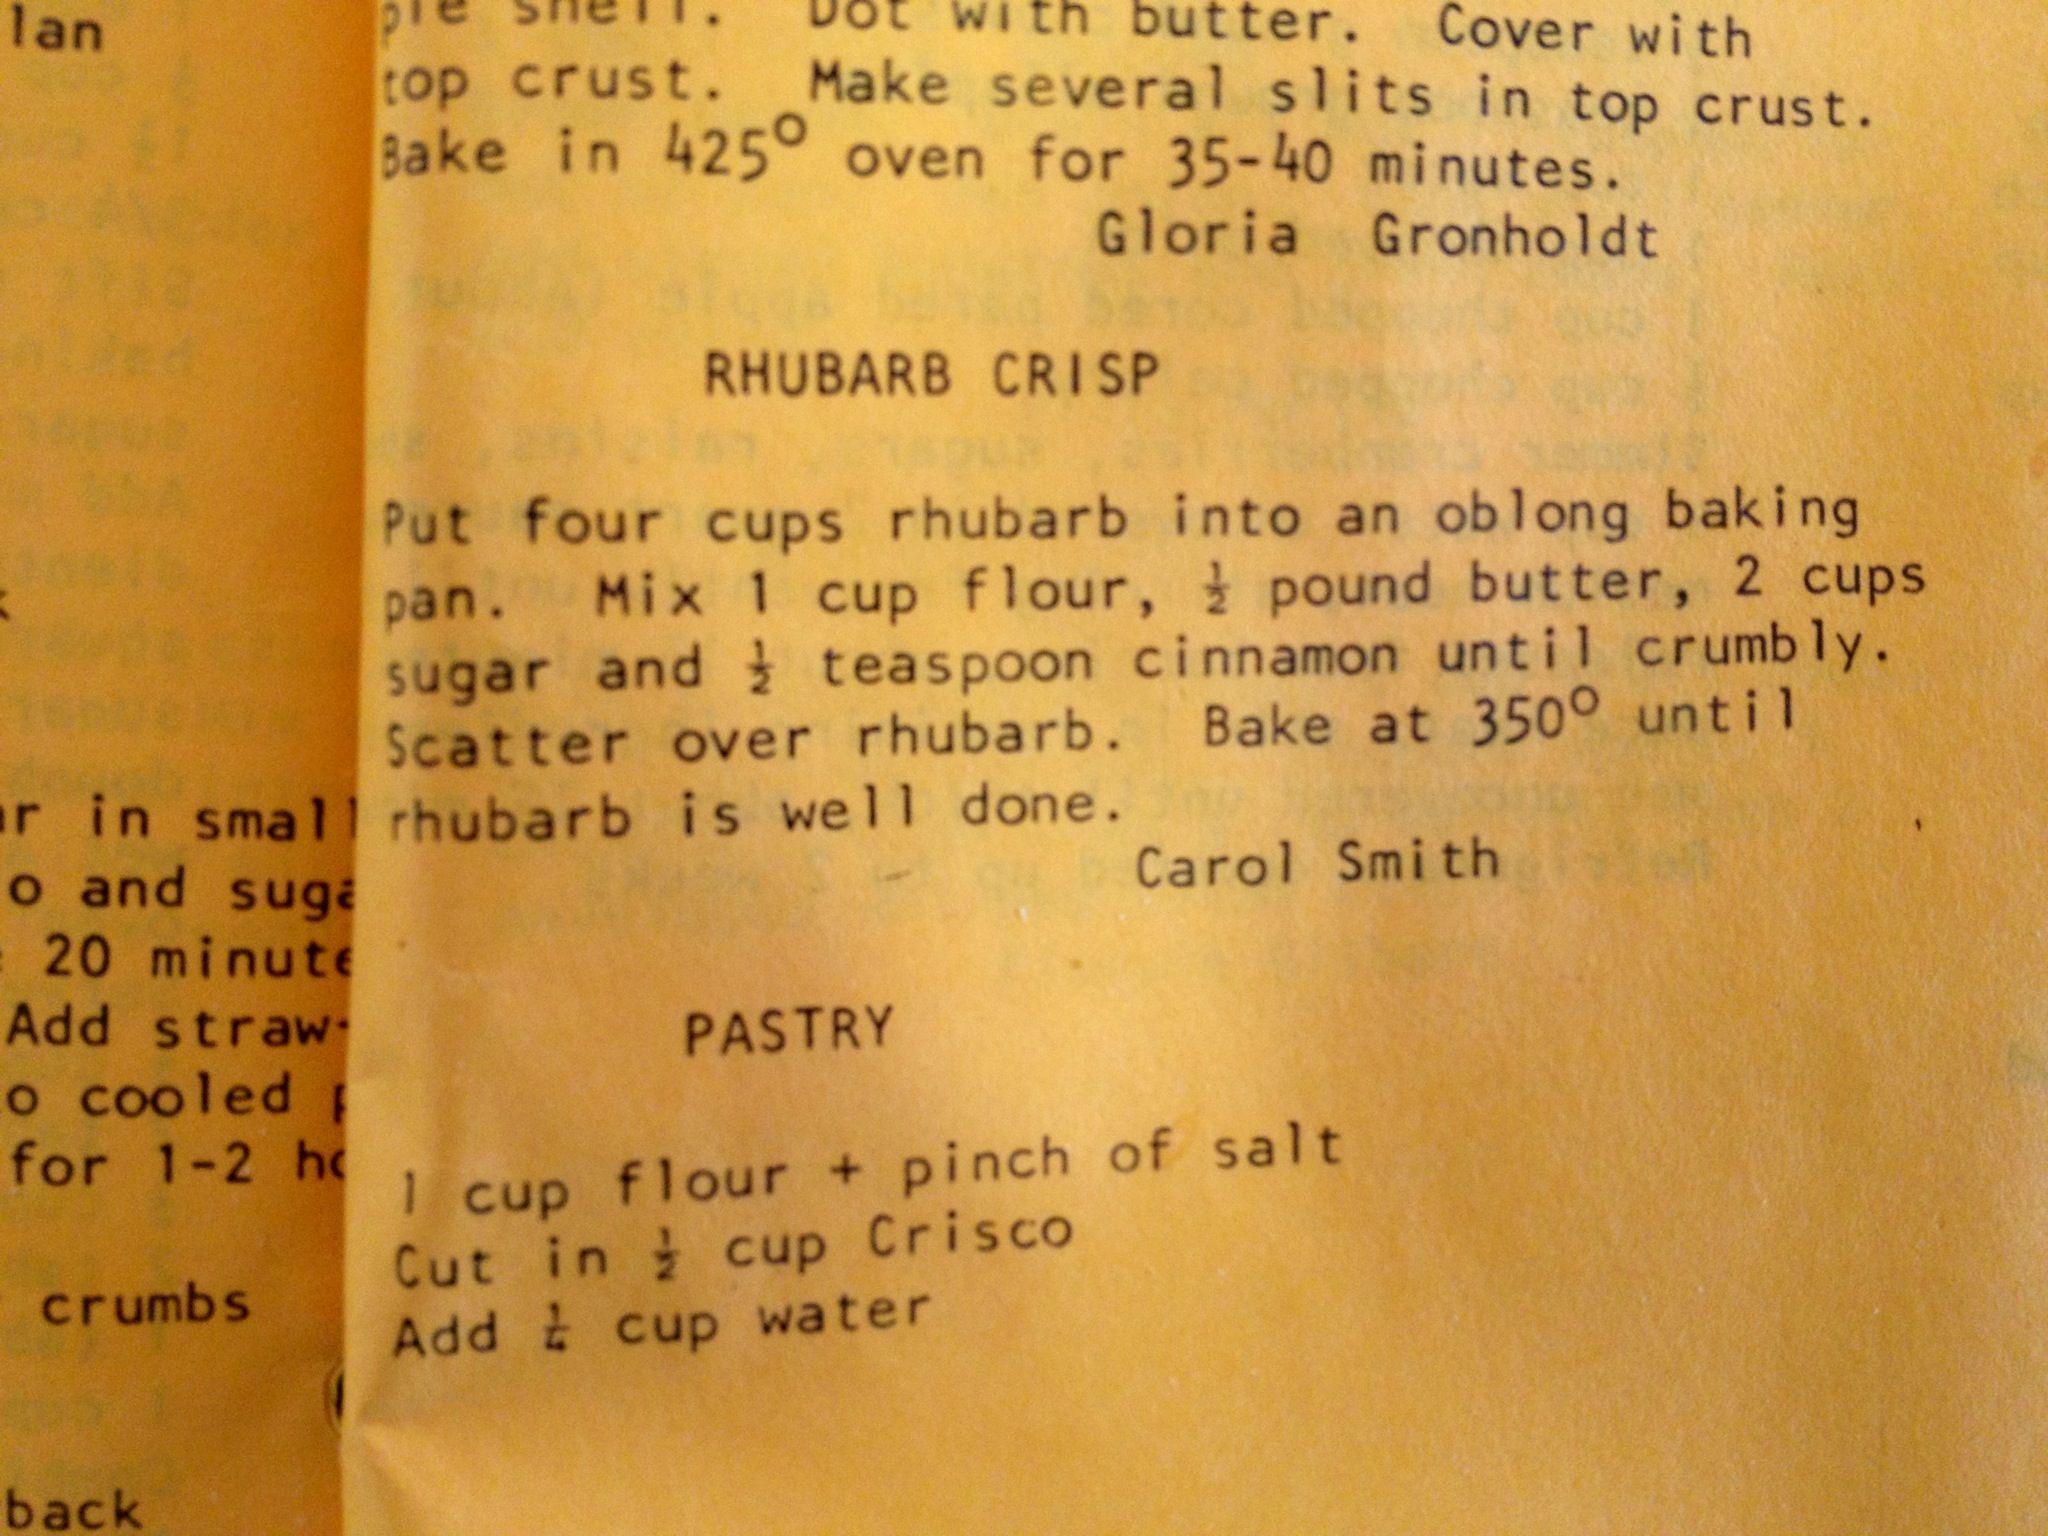 Rhubarb Crisp - recipe from Kodiak